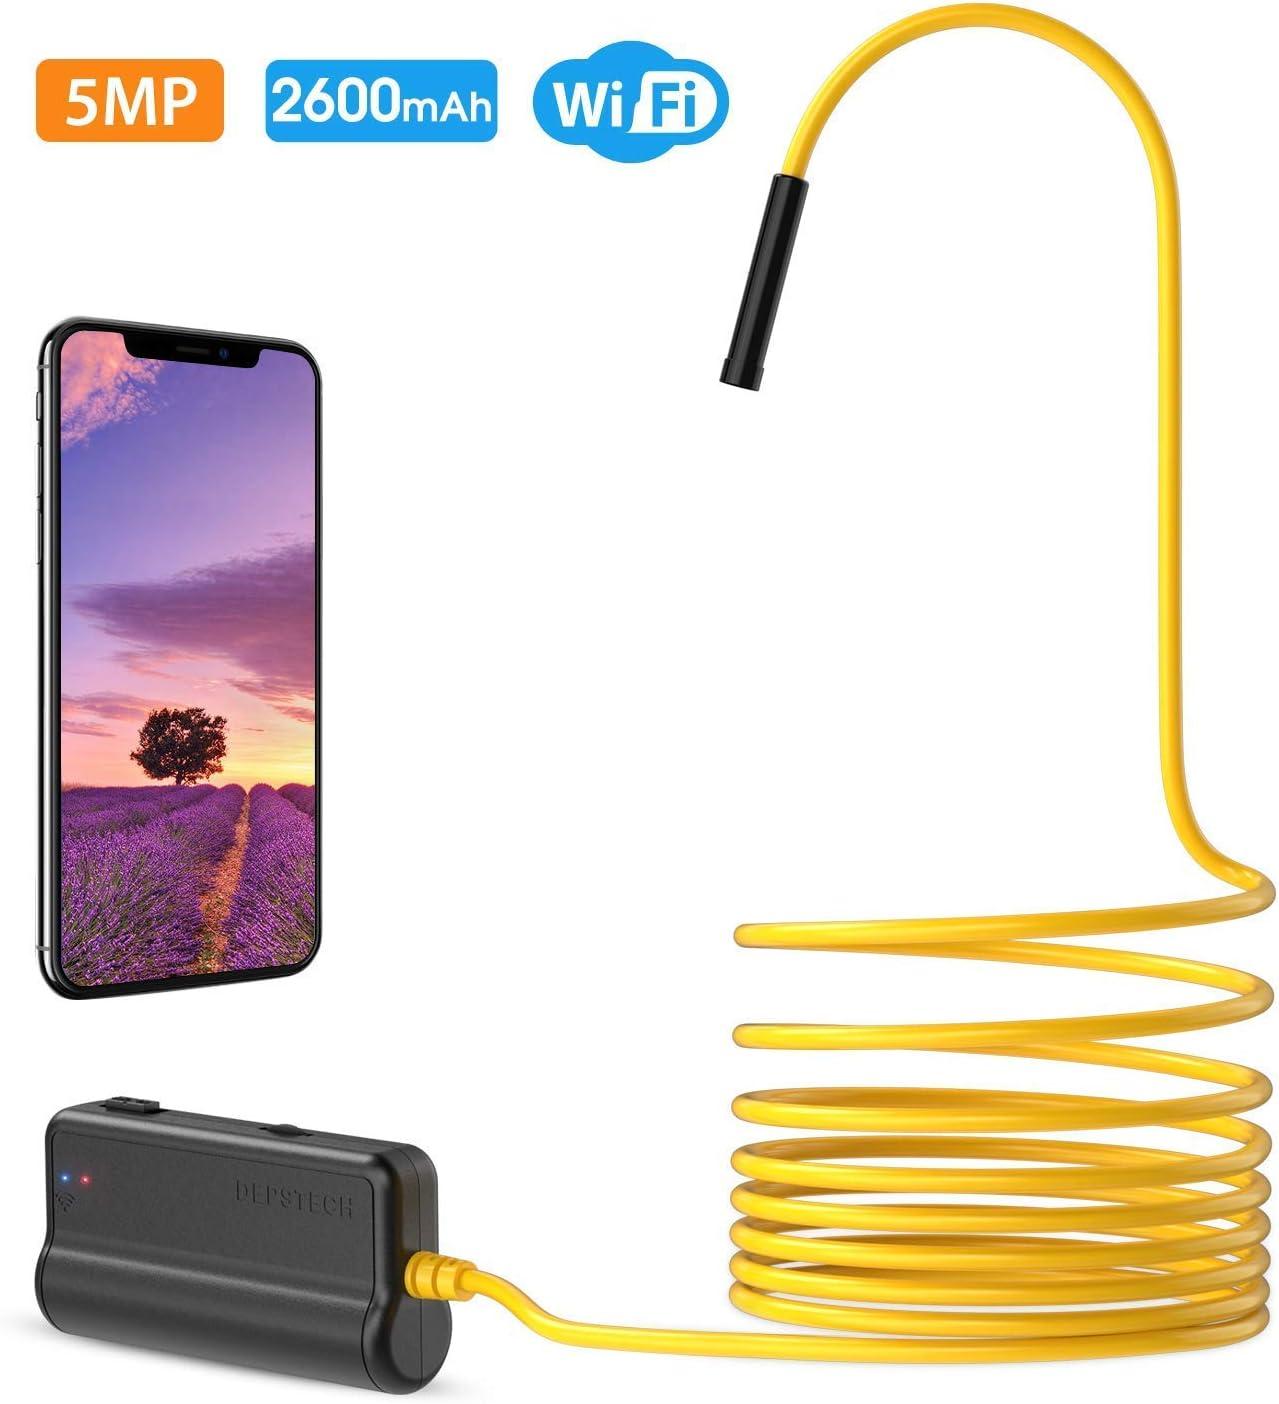 Impermeabile IP68 1536PHD AUTDER Telecamera Endoscopica WiFi 3MP Endoscopio con Asta Telescopica Ausiliaria Adatto per Smartphone Android e iOS Messa a Fuoco Automatica Tablet